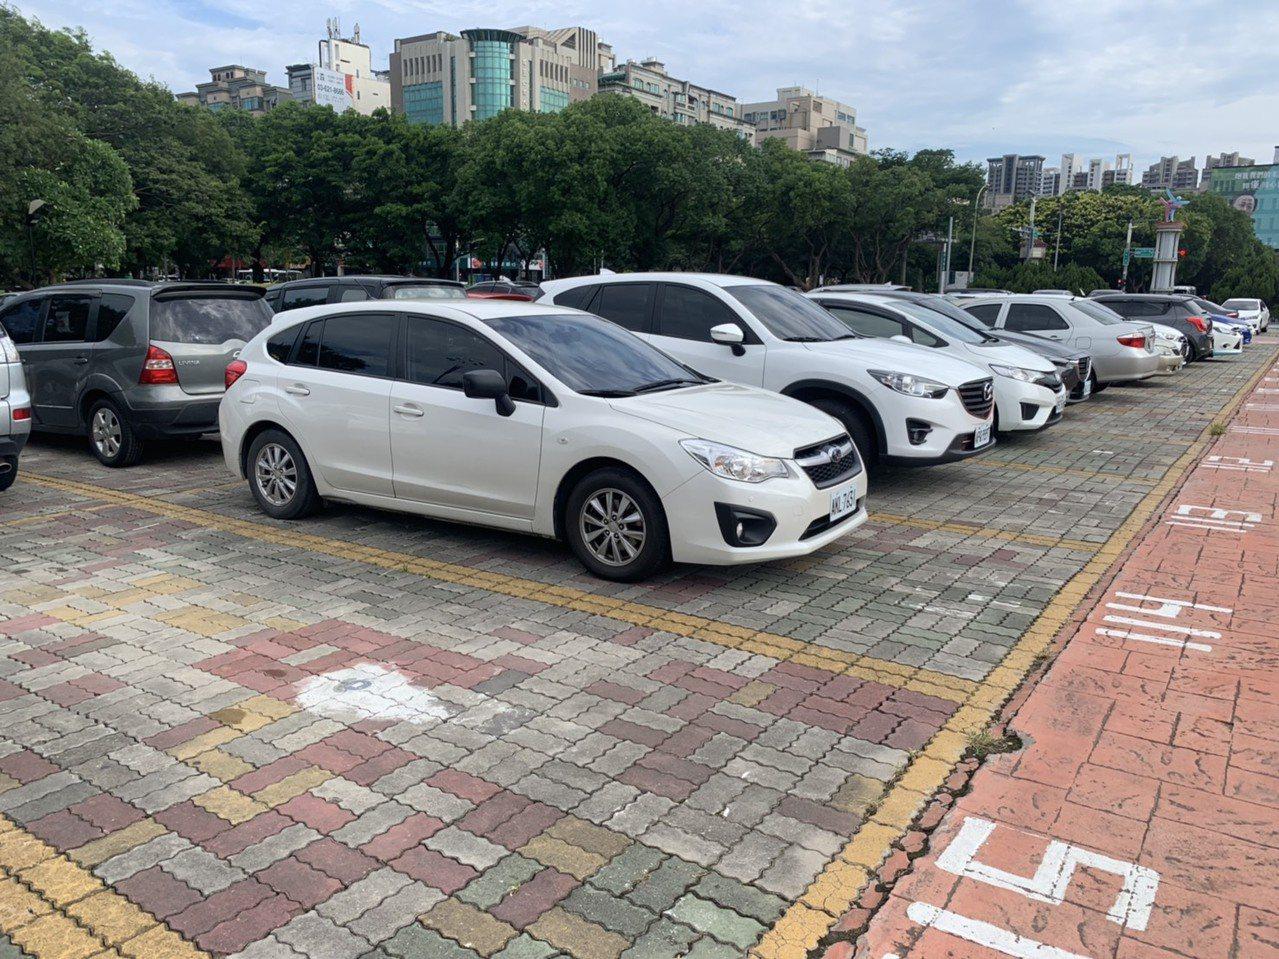 地磁系統會偵測車格的停車狀態,民眾透過手機通訊軟體line加入遠傳「Parkin...